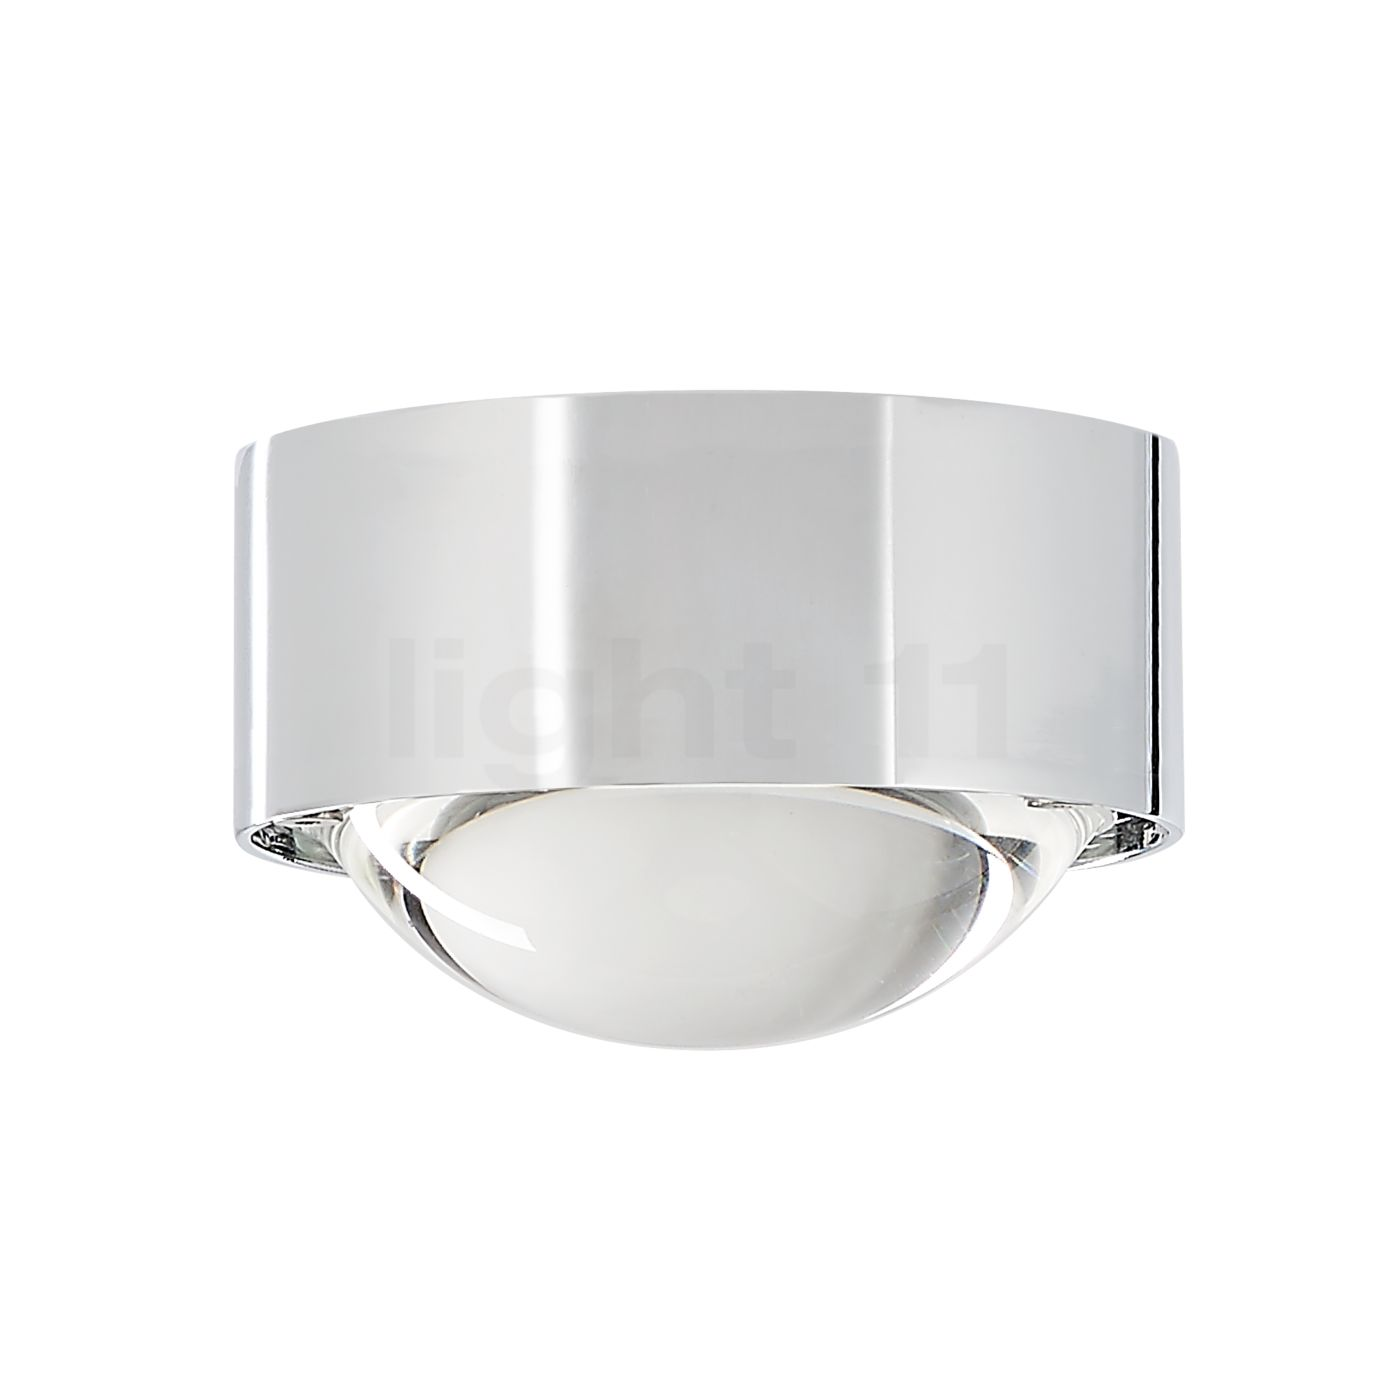 top light puk one ceiling lights buy at. Black Bedroom Furniture Sets. Home Design Ideas